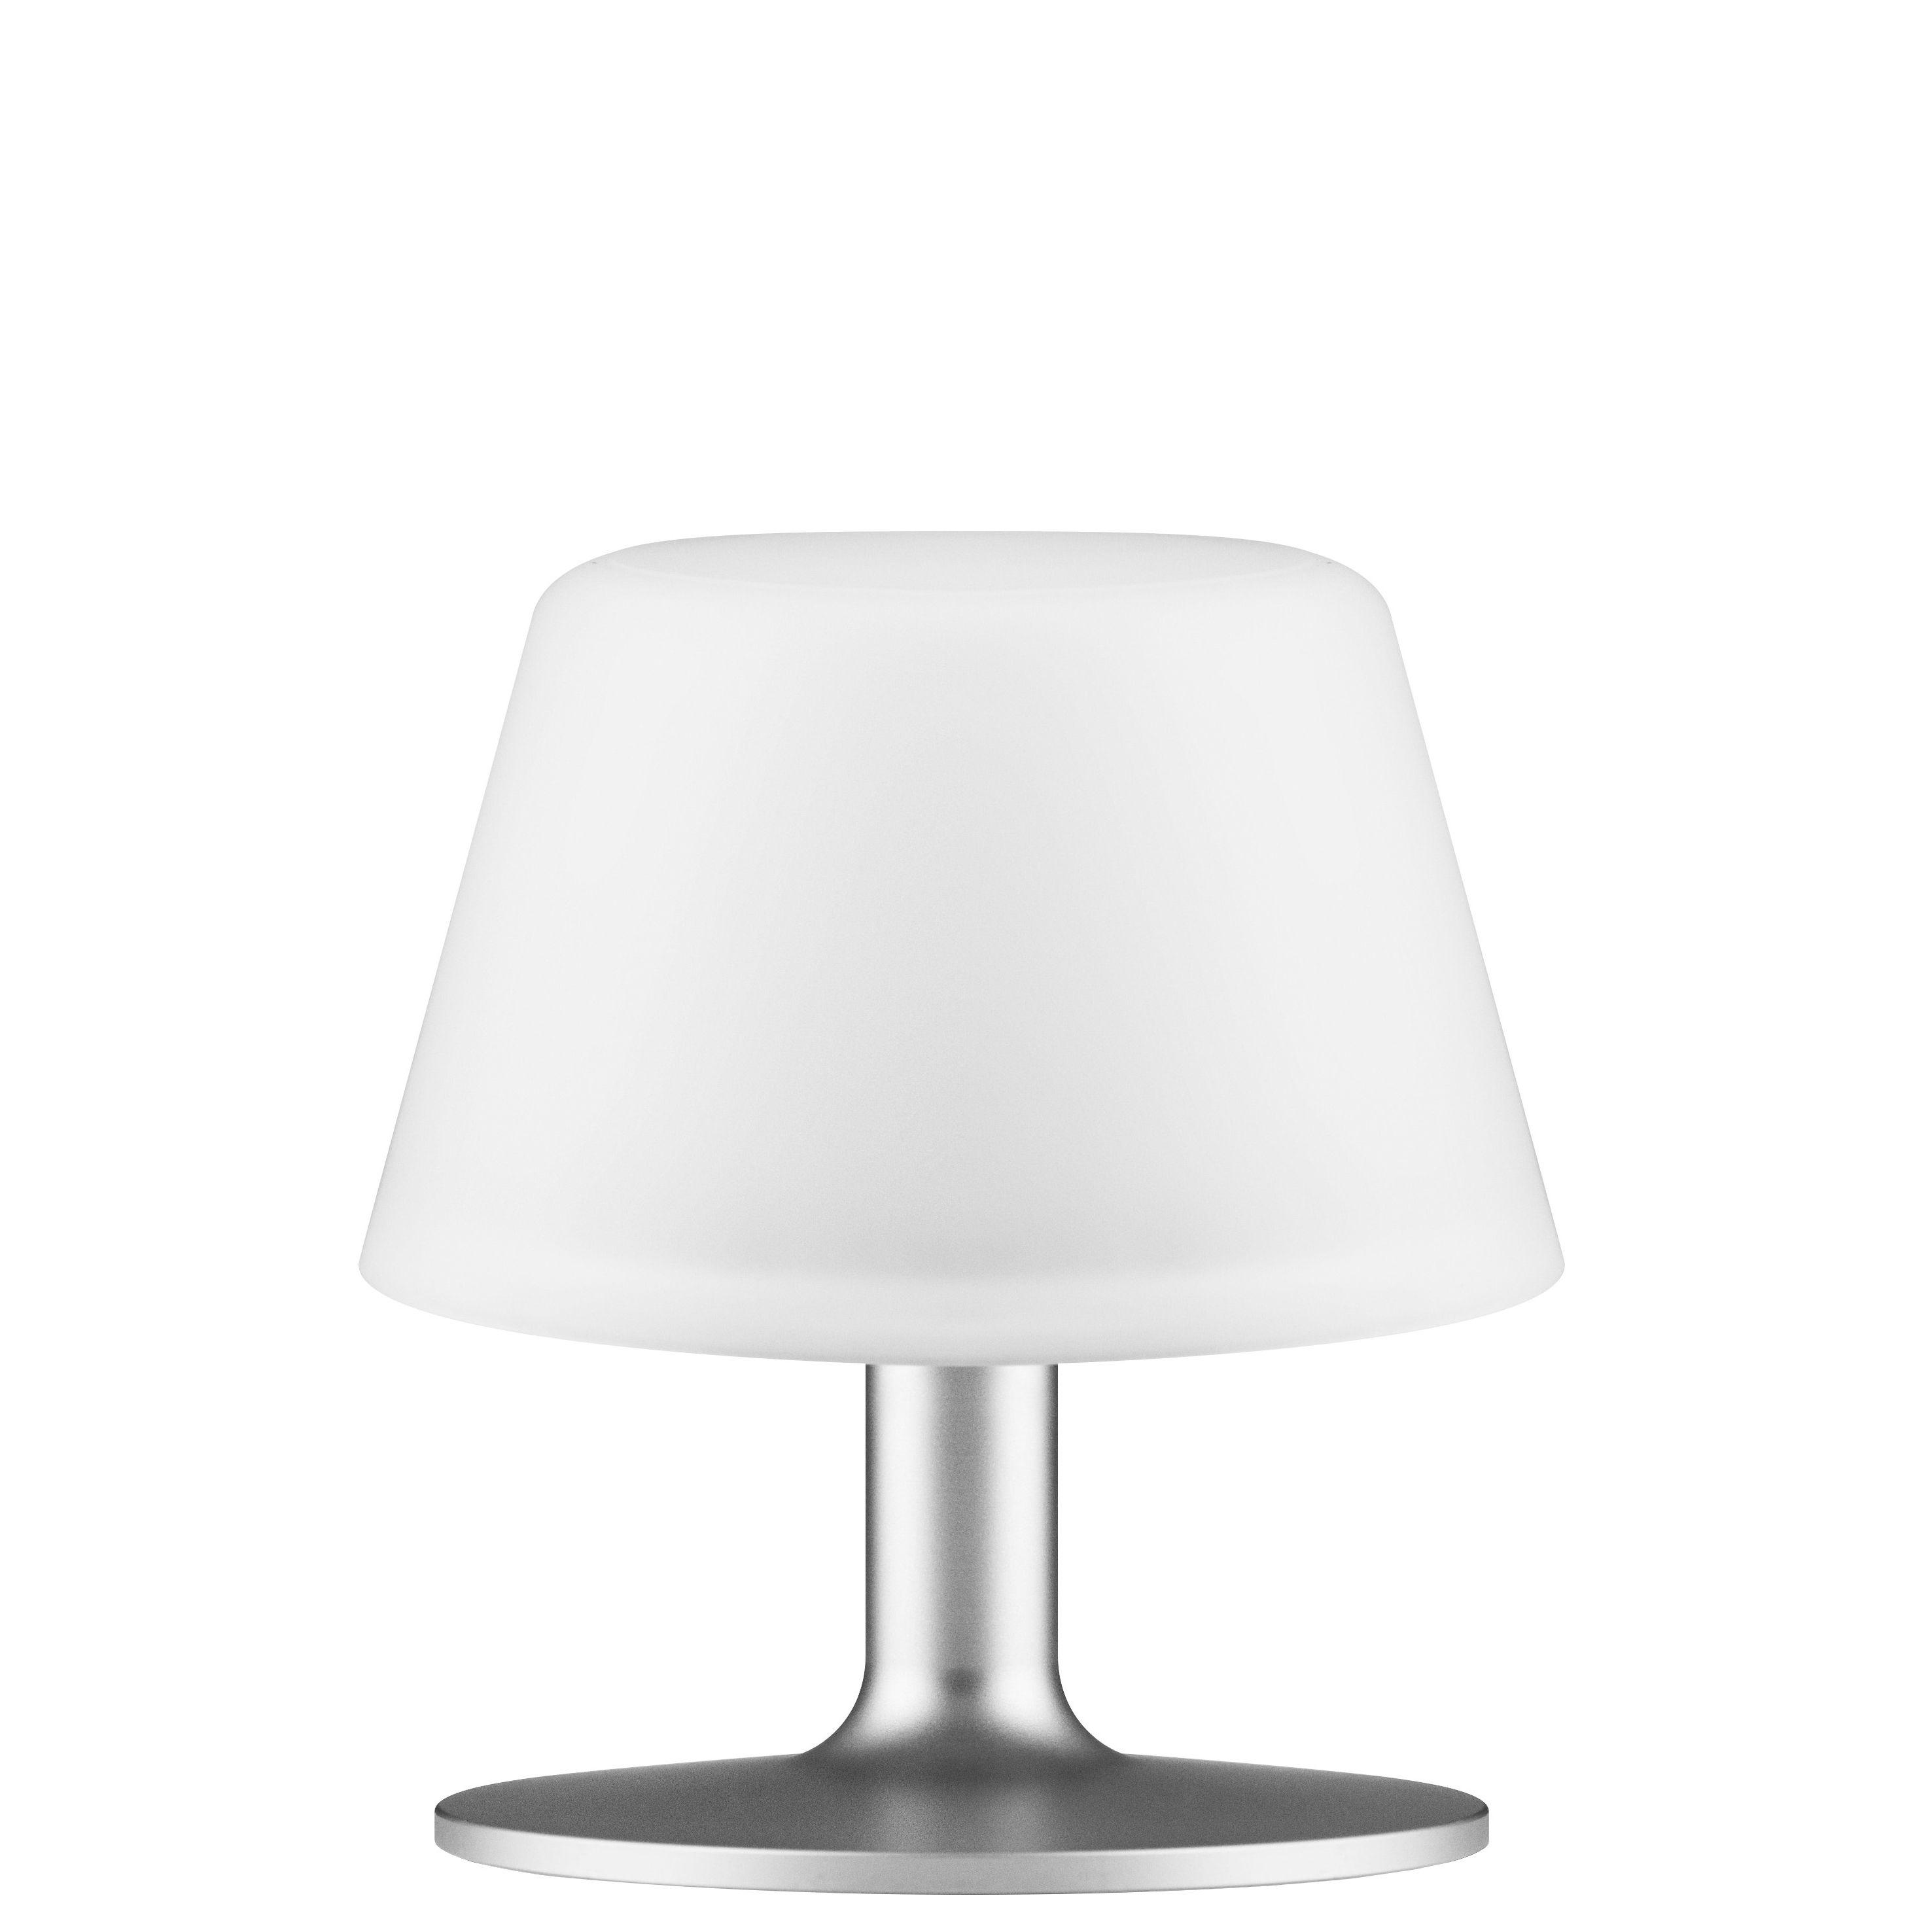 Illuminazione - Lampade da tavolo - Lampada solare Sunlight Small - / Energia solare - Senza fili di Eva Solo - Small - Bianco & Piede alluminio - Alluminio anodizzato, Verre dépoli